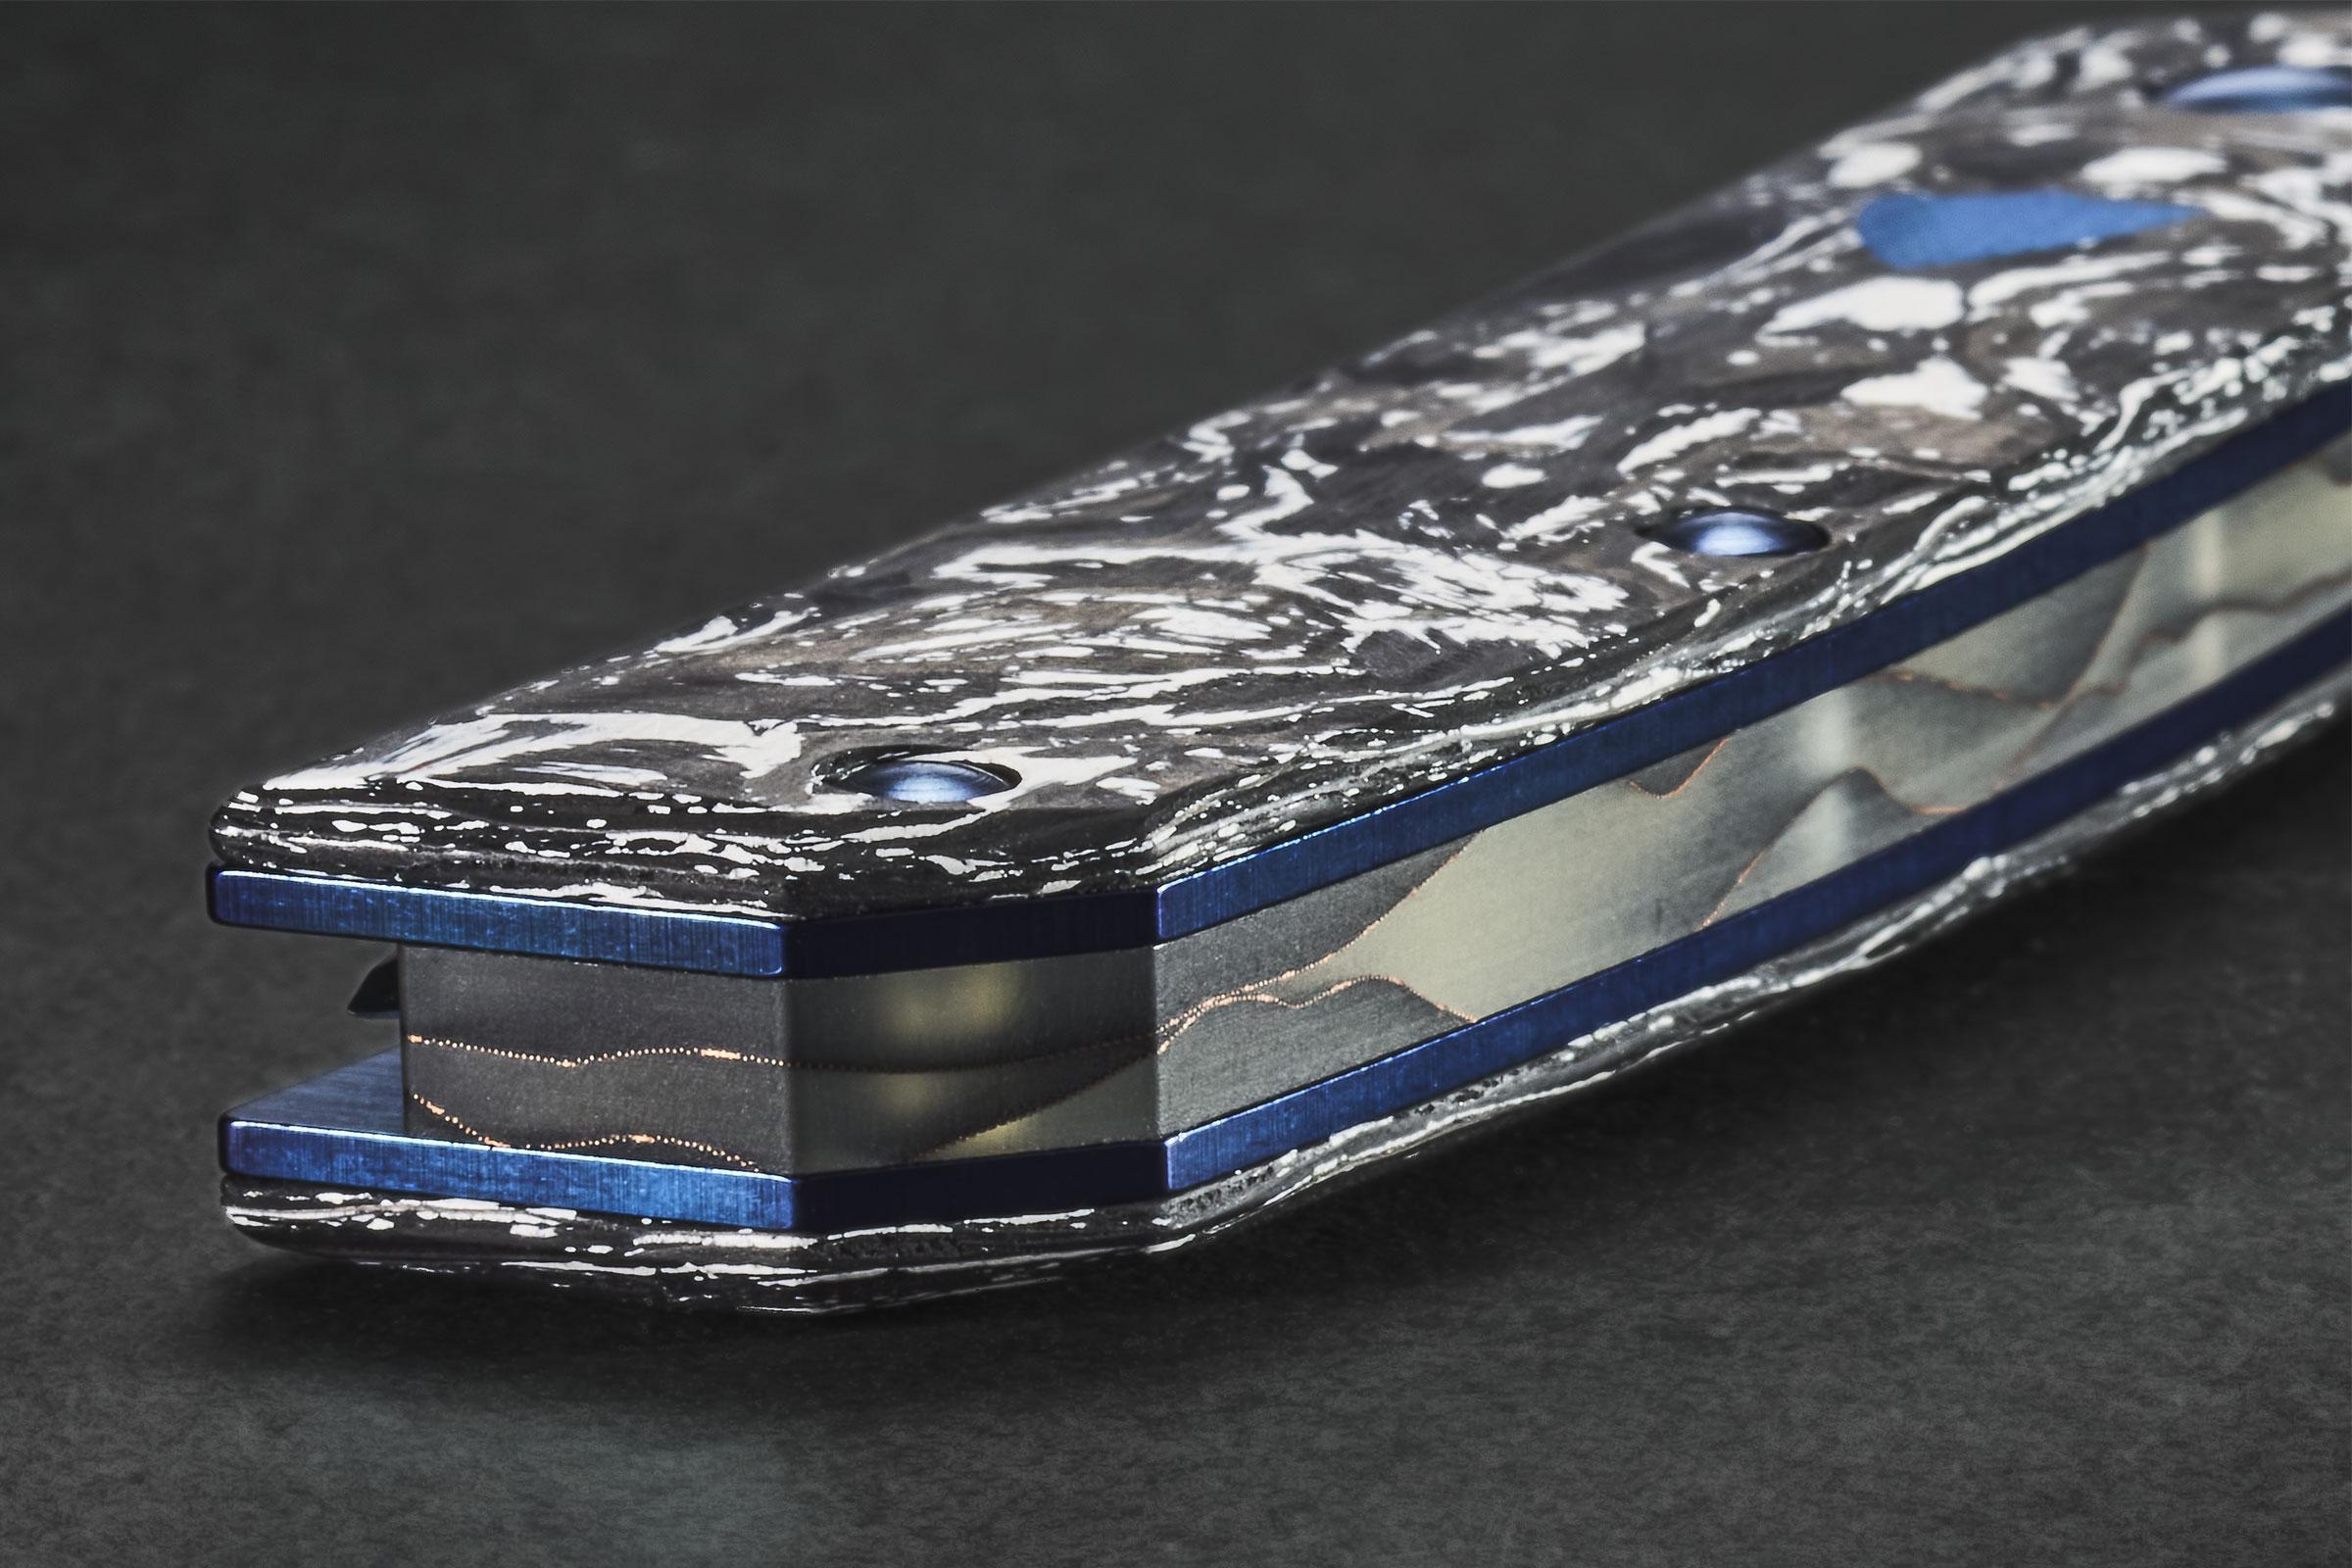 tengu flipper design